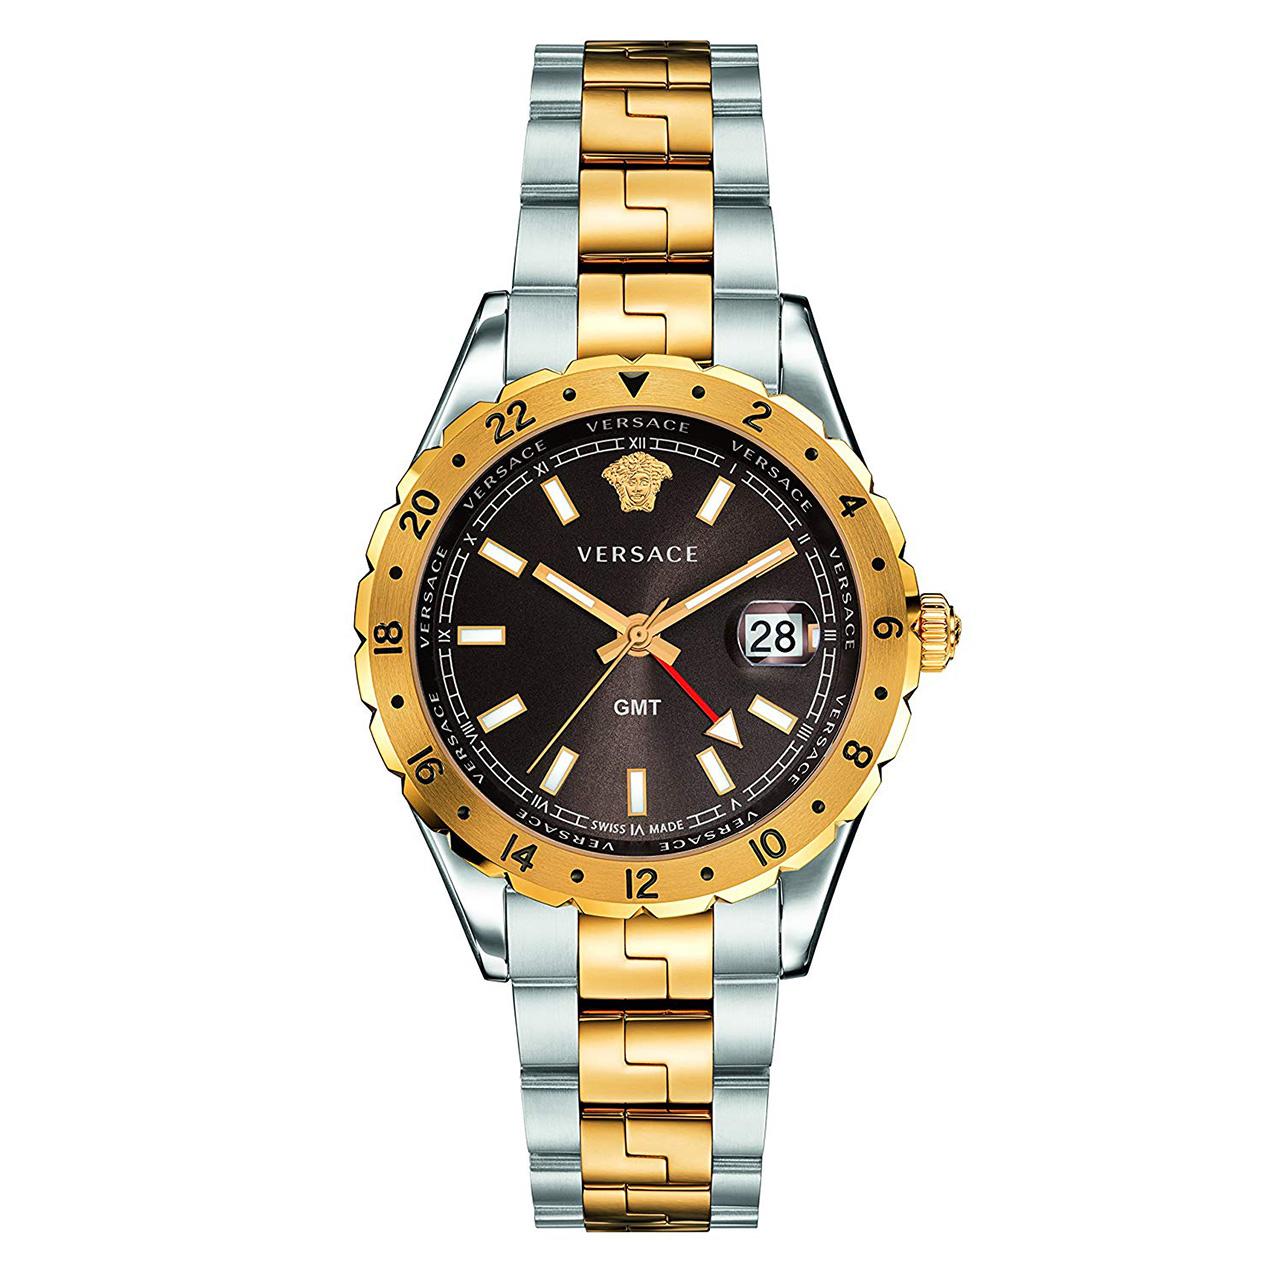 ساعت مچی عقربه ای مردانه ورساچه مدل V11040015 30